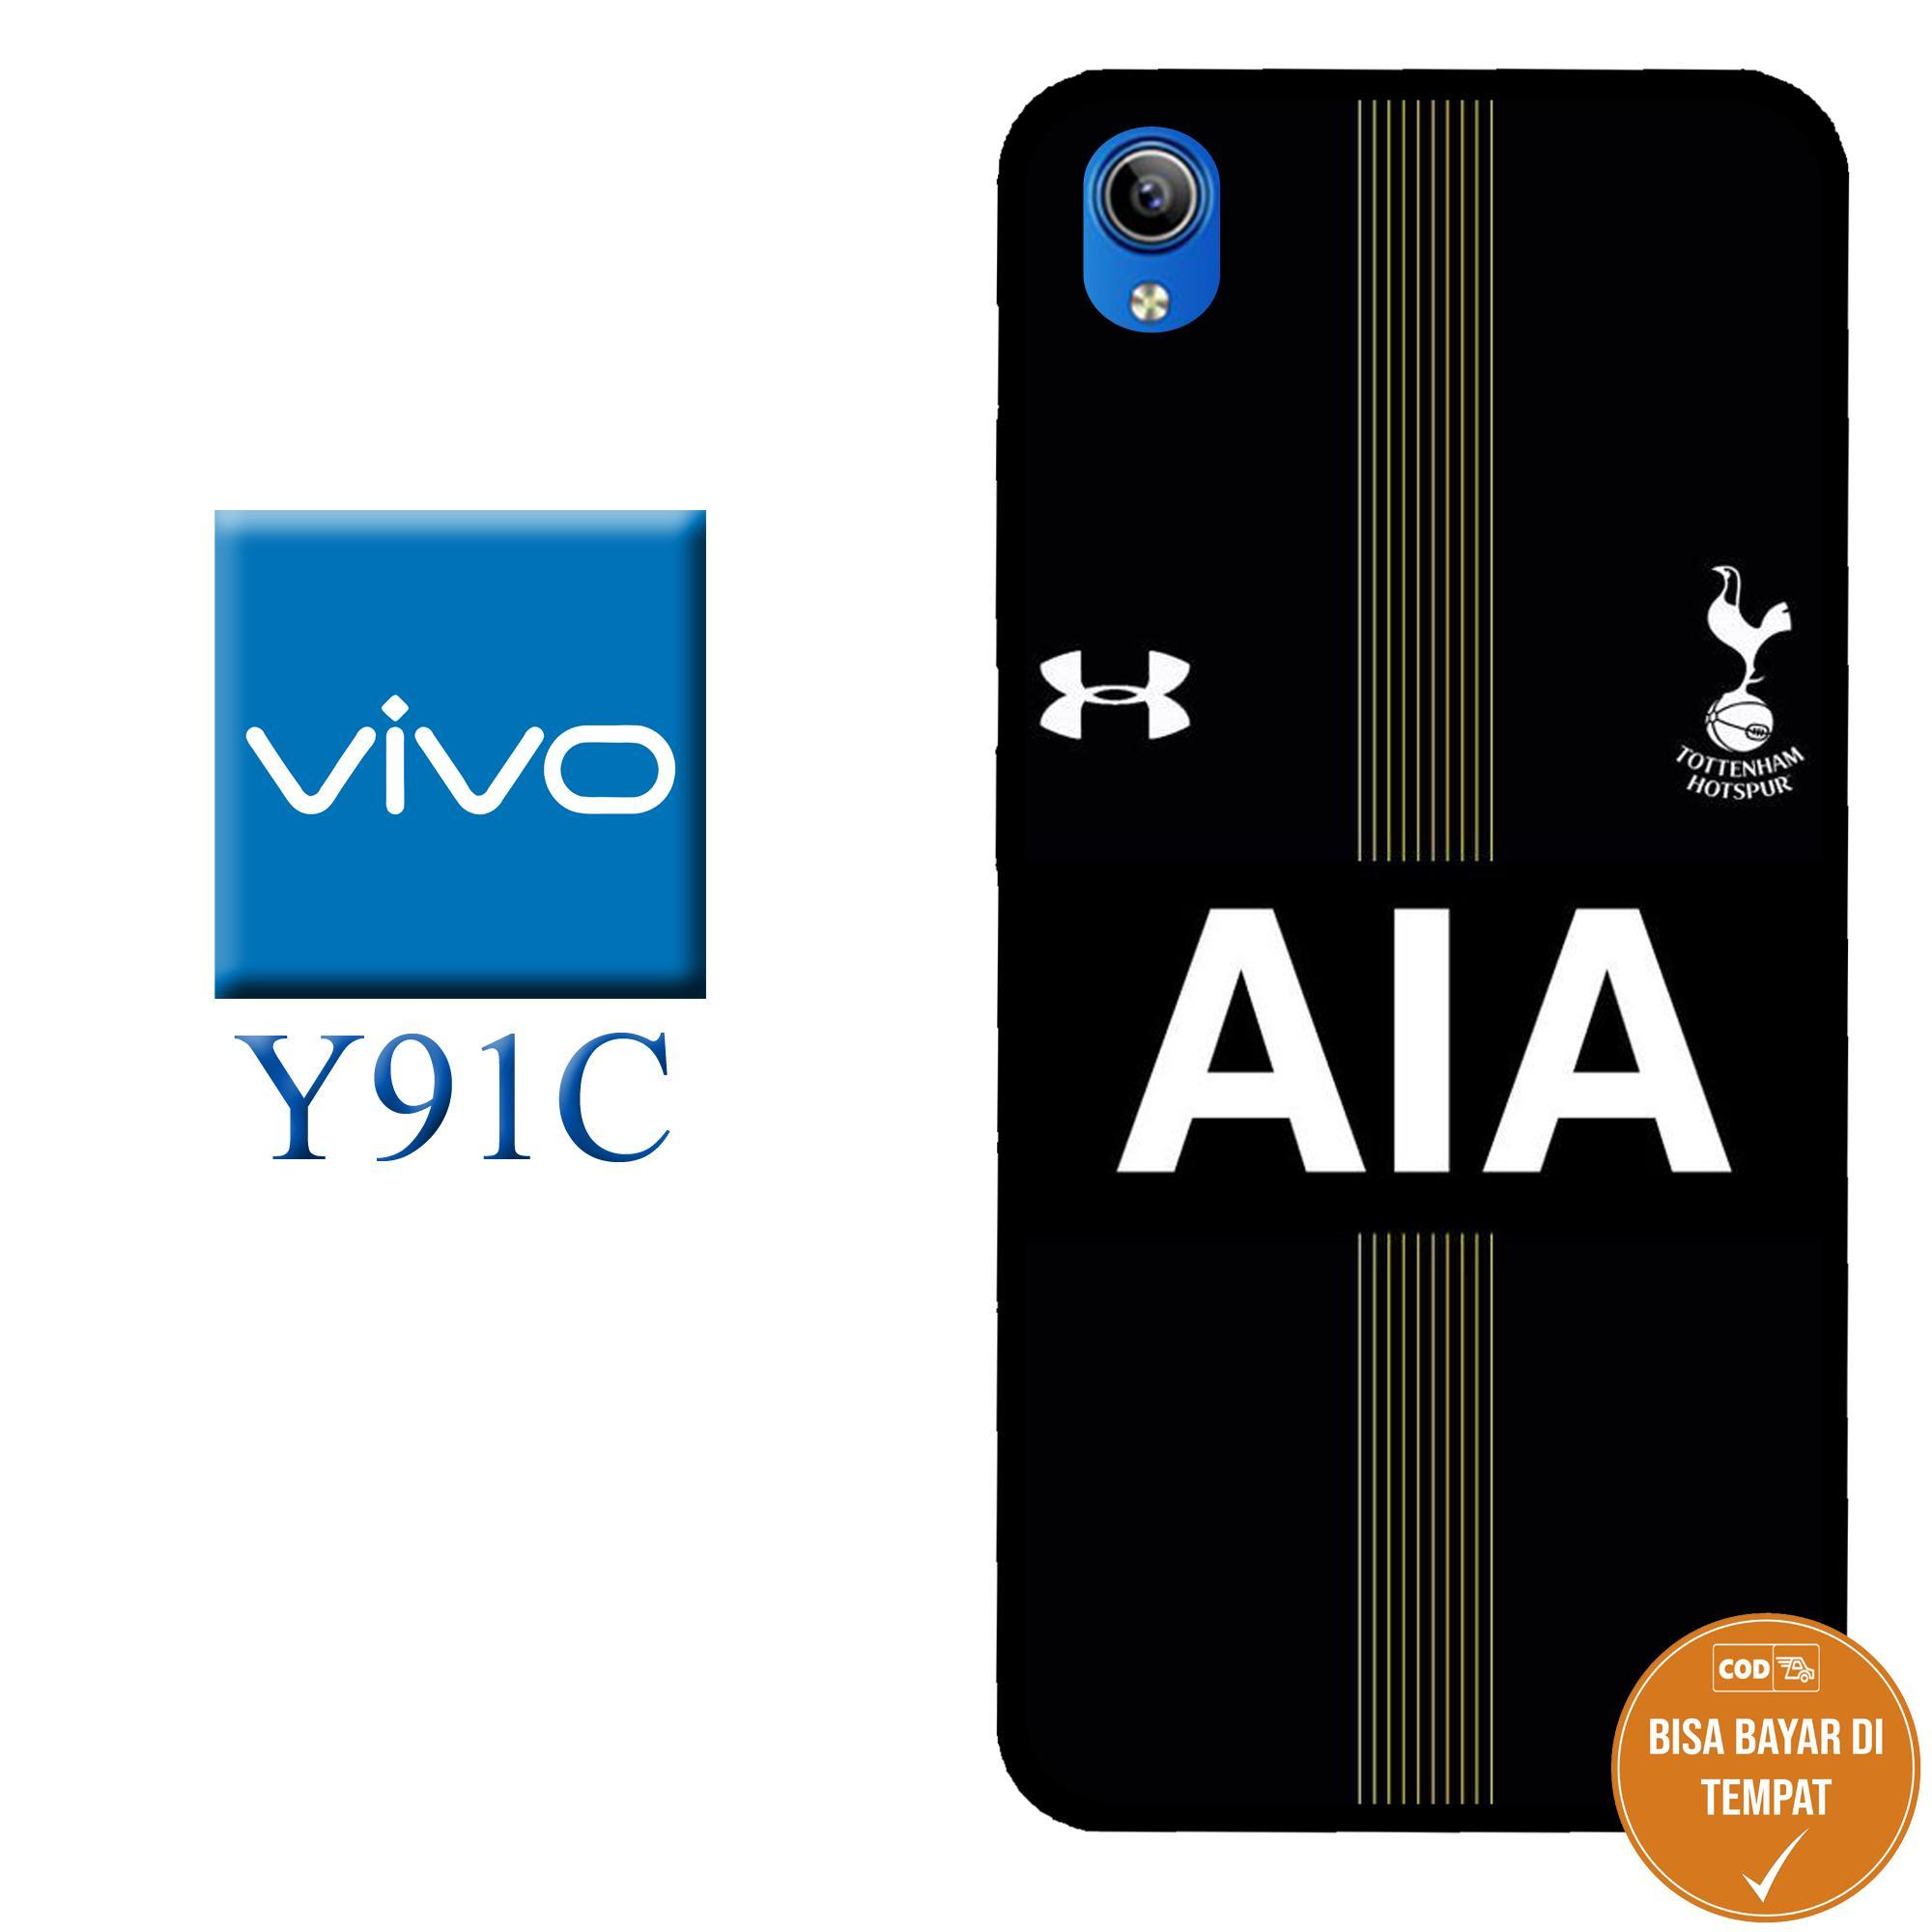 Case Vivo Y91C Football 1 01 - Marinstore Pelindung Hp, Case Hp, Casing Handphone - BIsa COD/ Bayar DItempat paling murah paling bagus